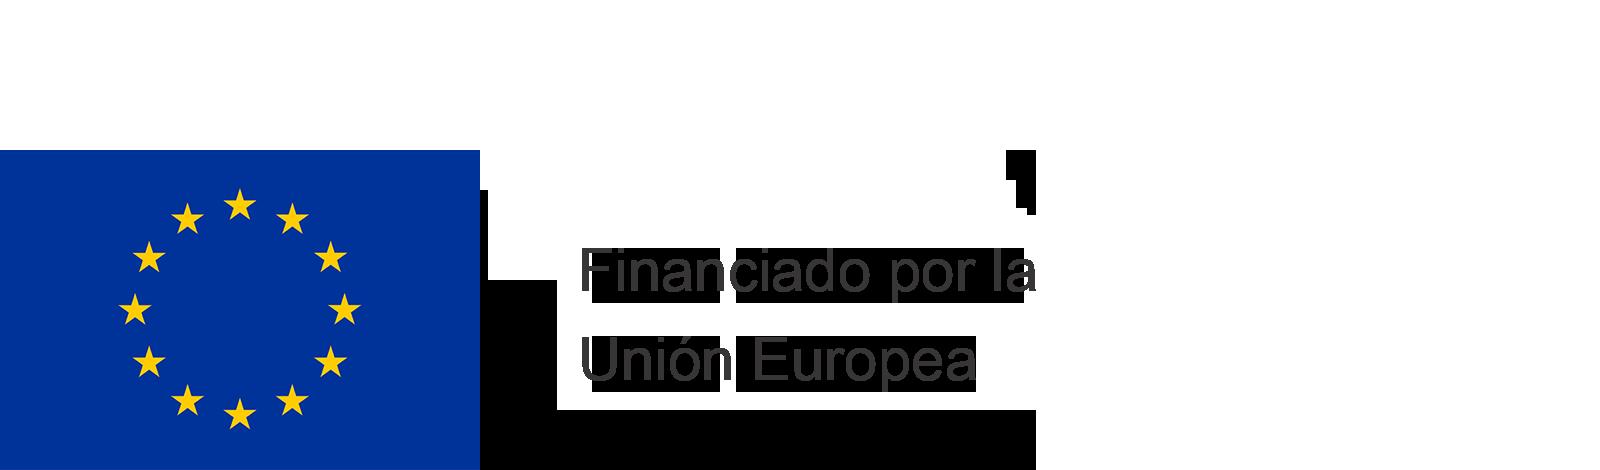 Financiado por la Unión Europea